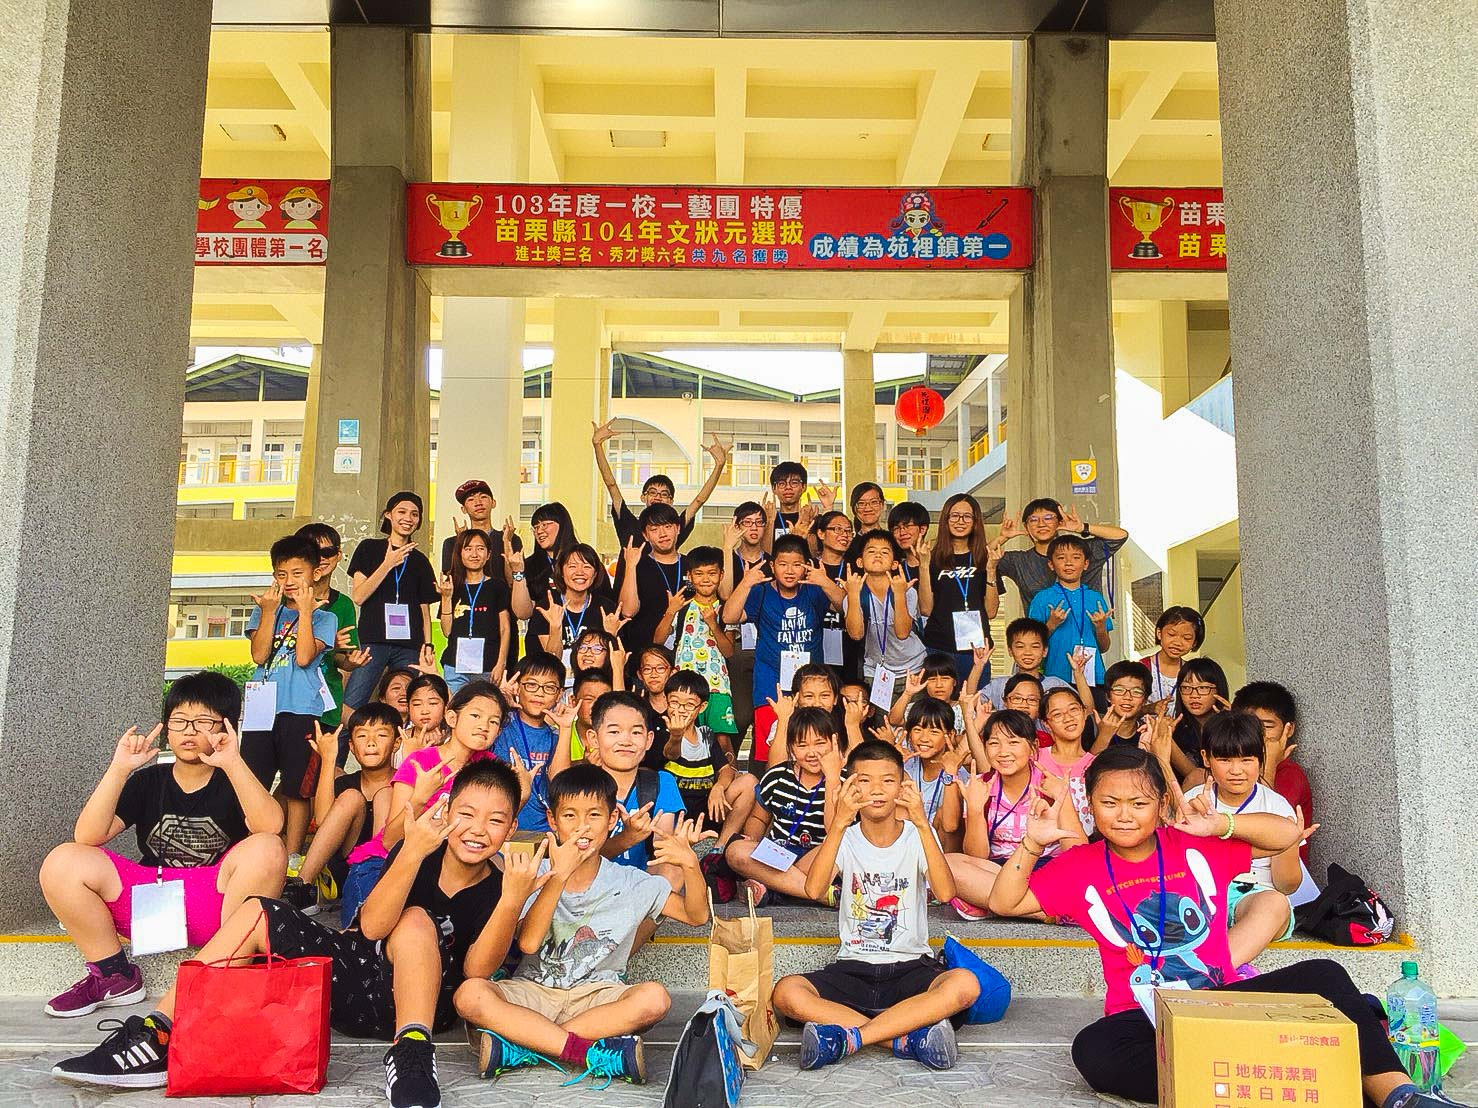 「童言統語科學營」,將自然科學、統計知識、童軍技能帶給教育優先區國小之學童